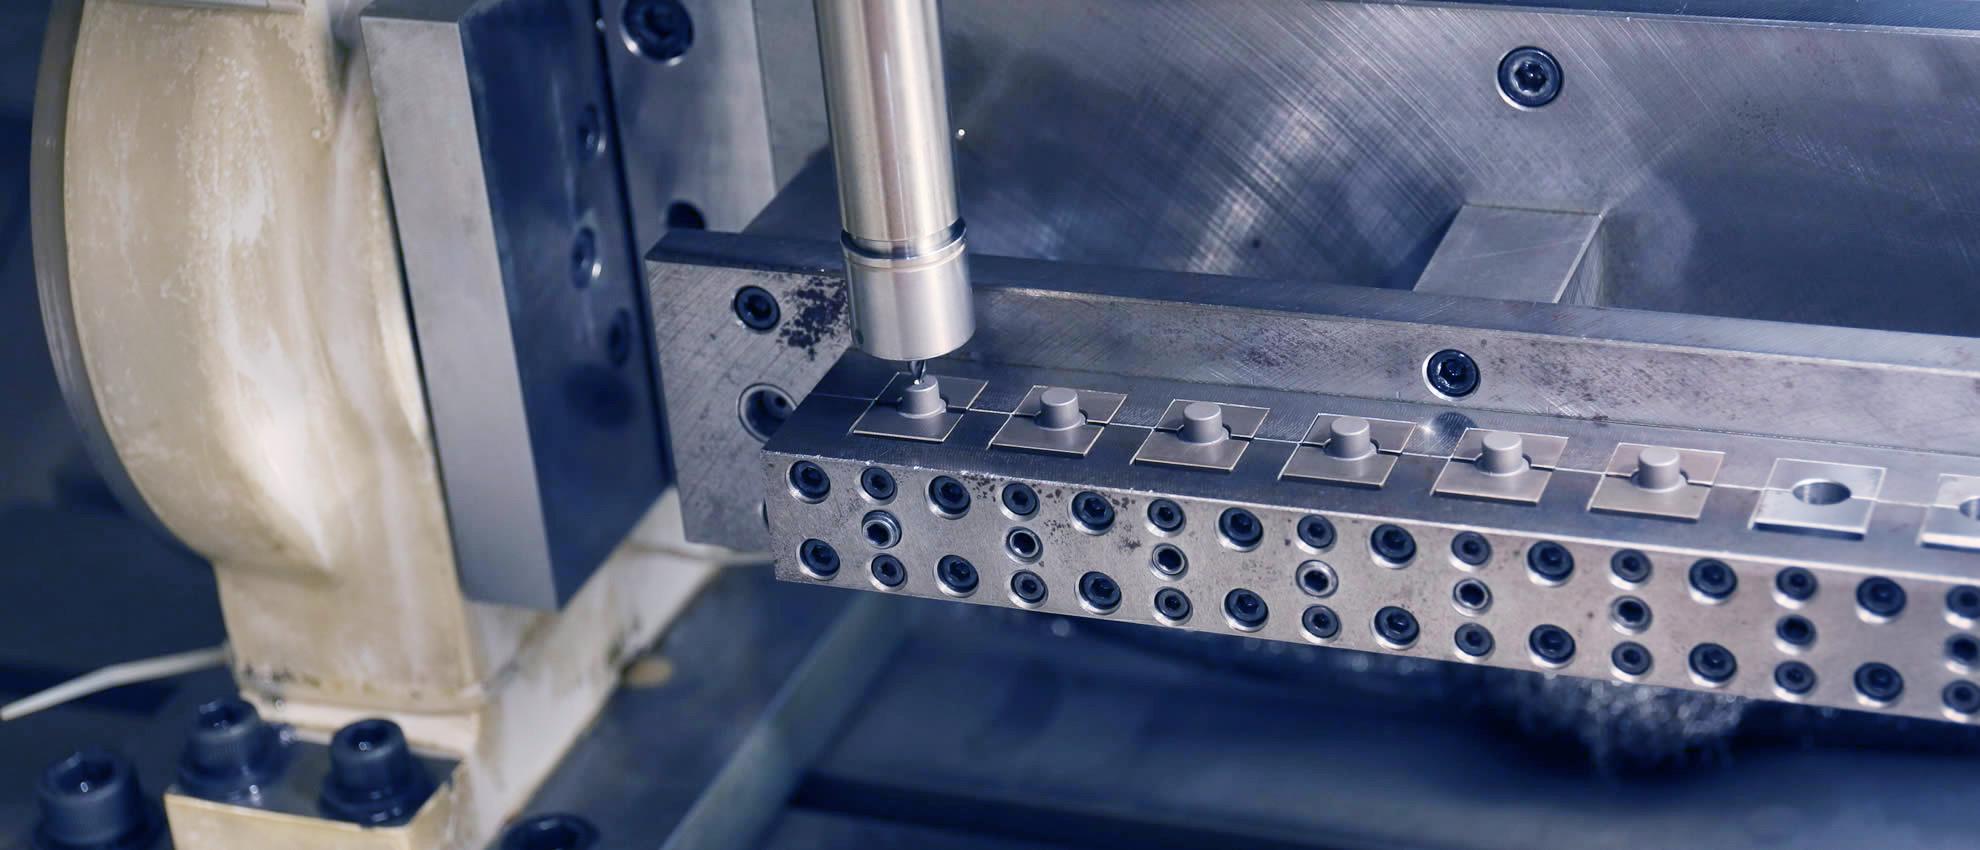 製造業・機械加工